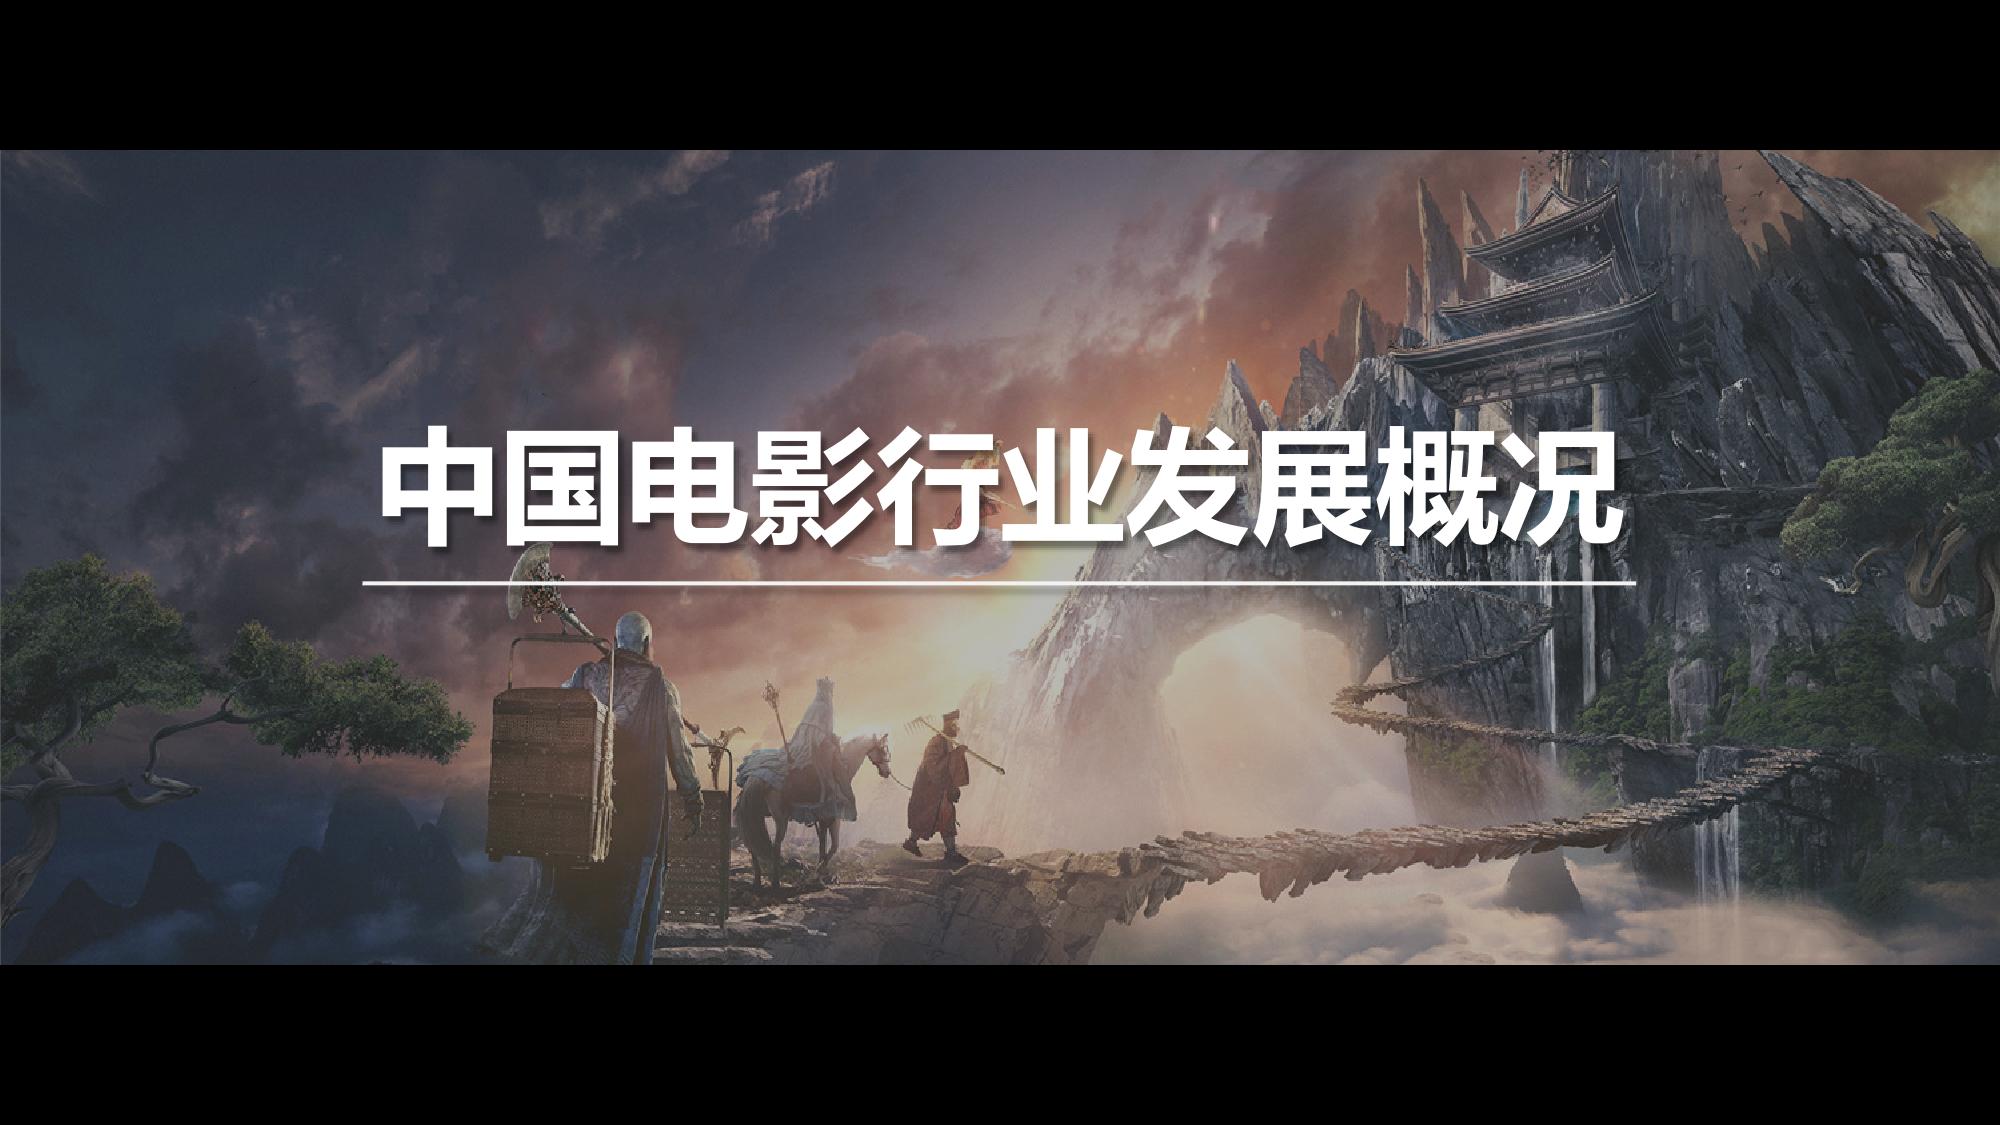 2016上半年中国在线票务平台大数据报告_000004